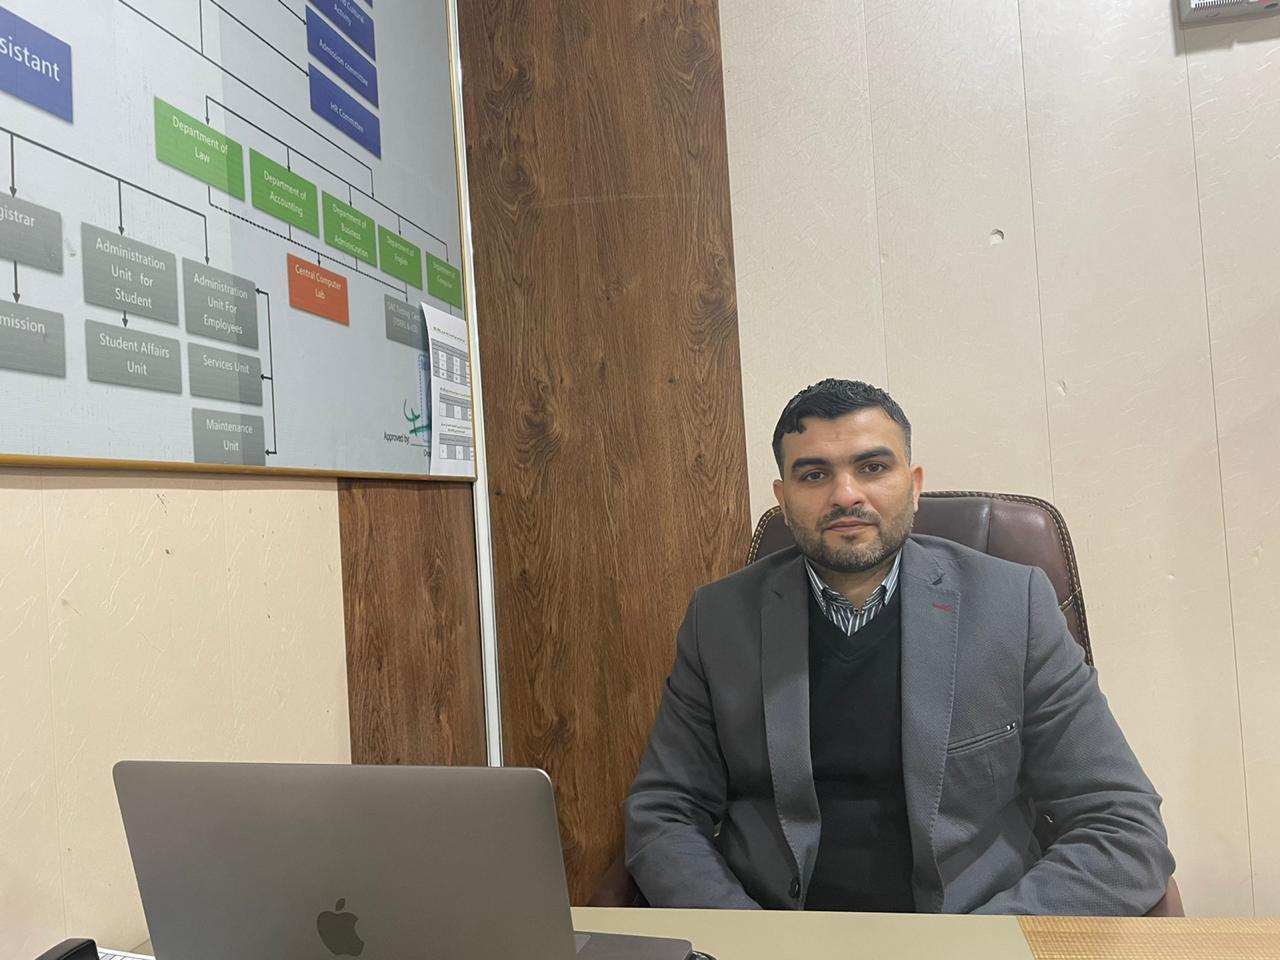 اساتذة كلية شط العرب الجامعة يتألقون في المحافل العالمية